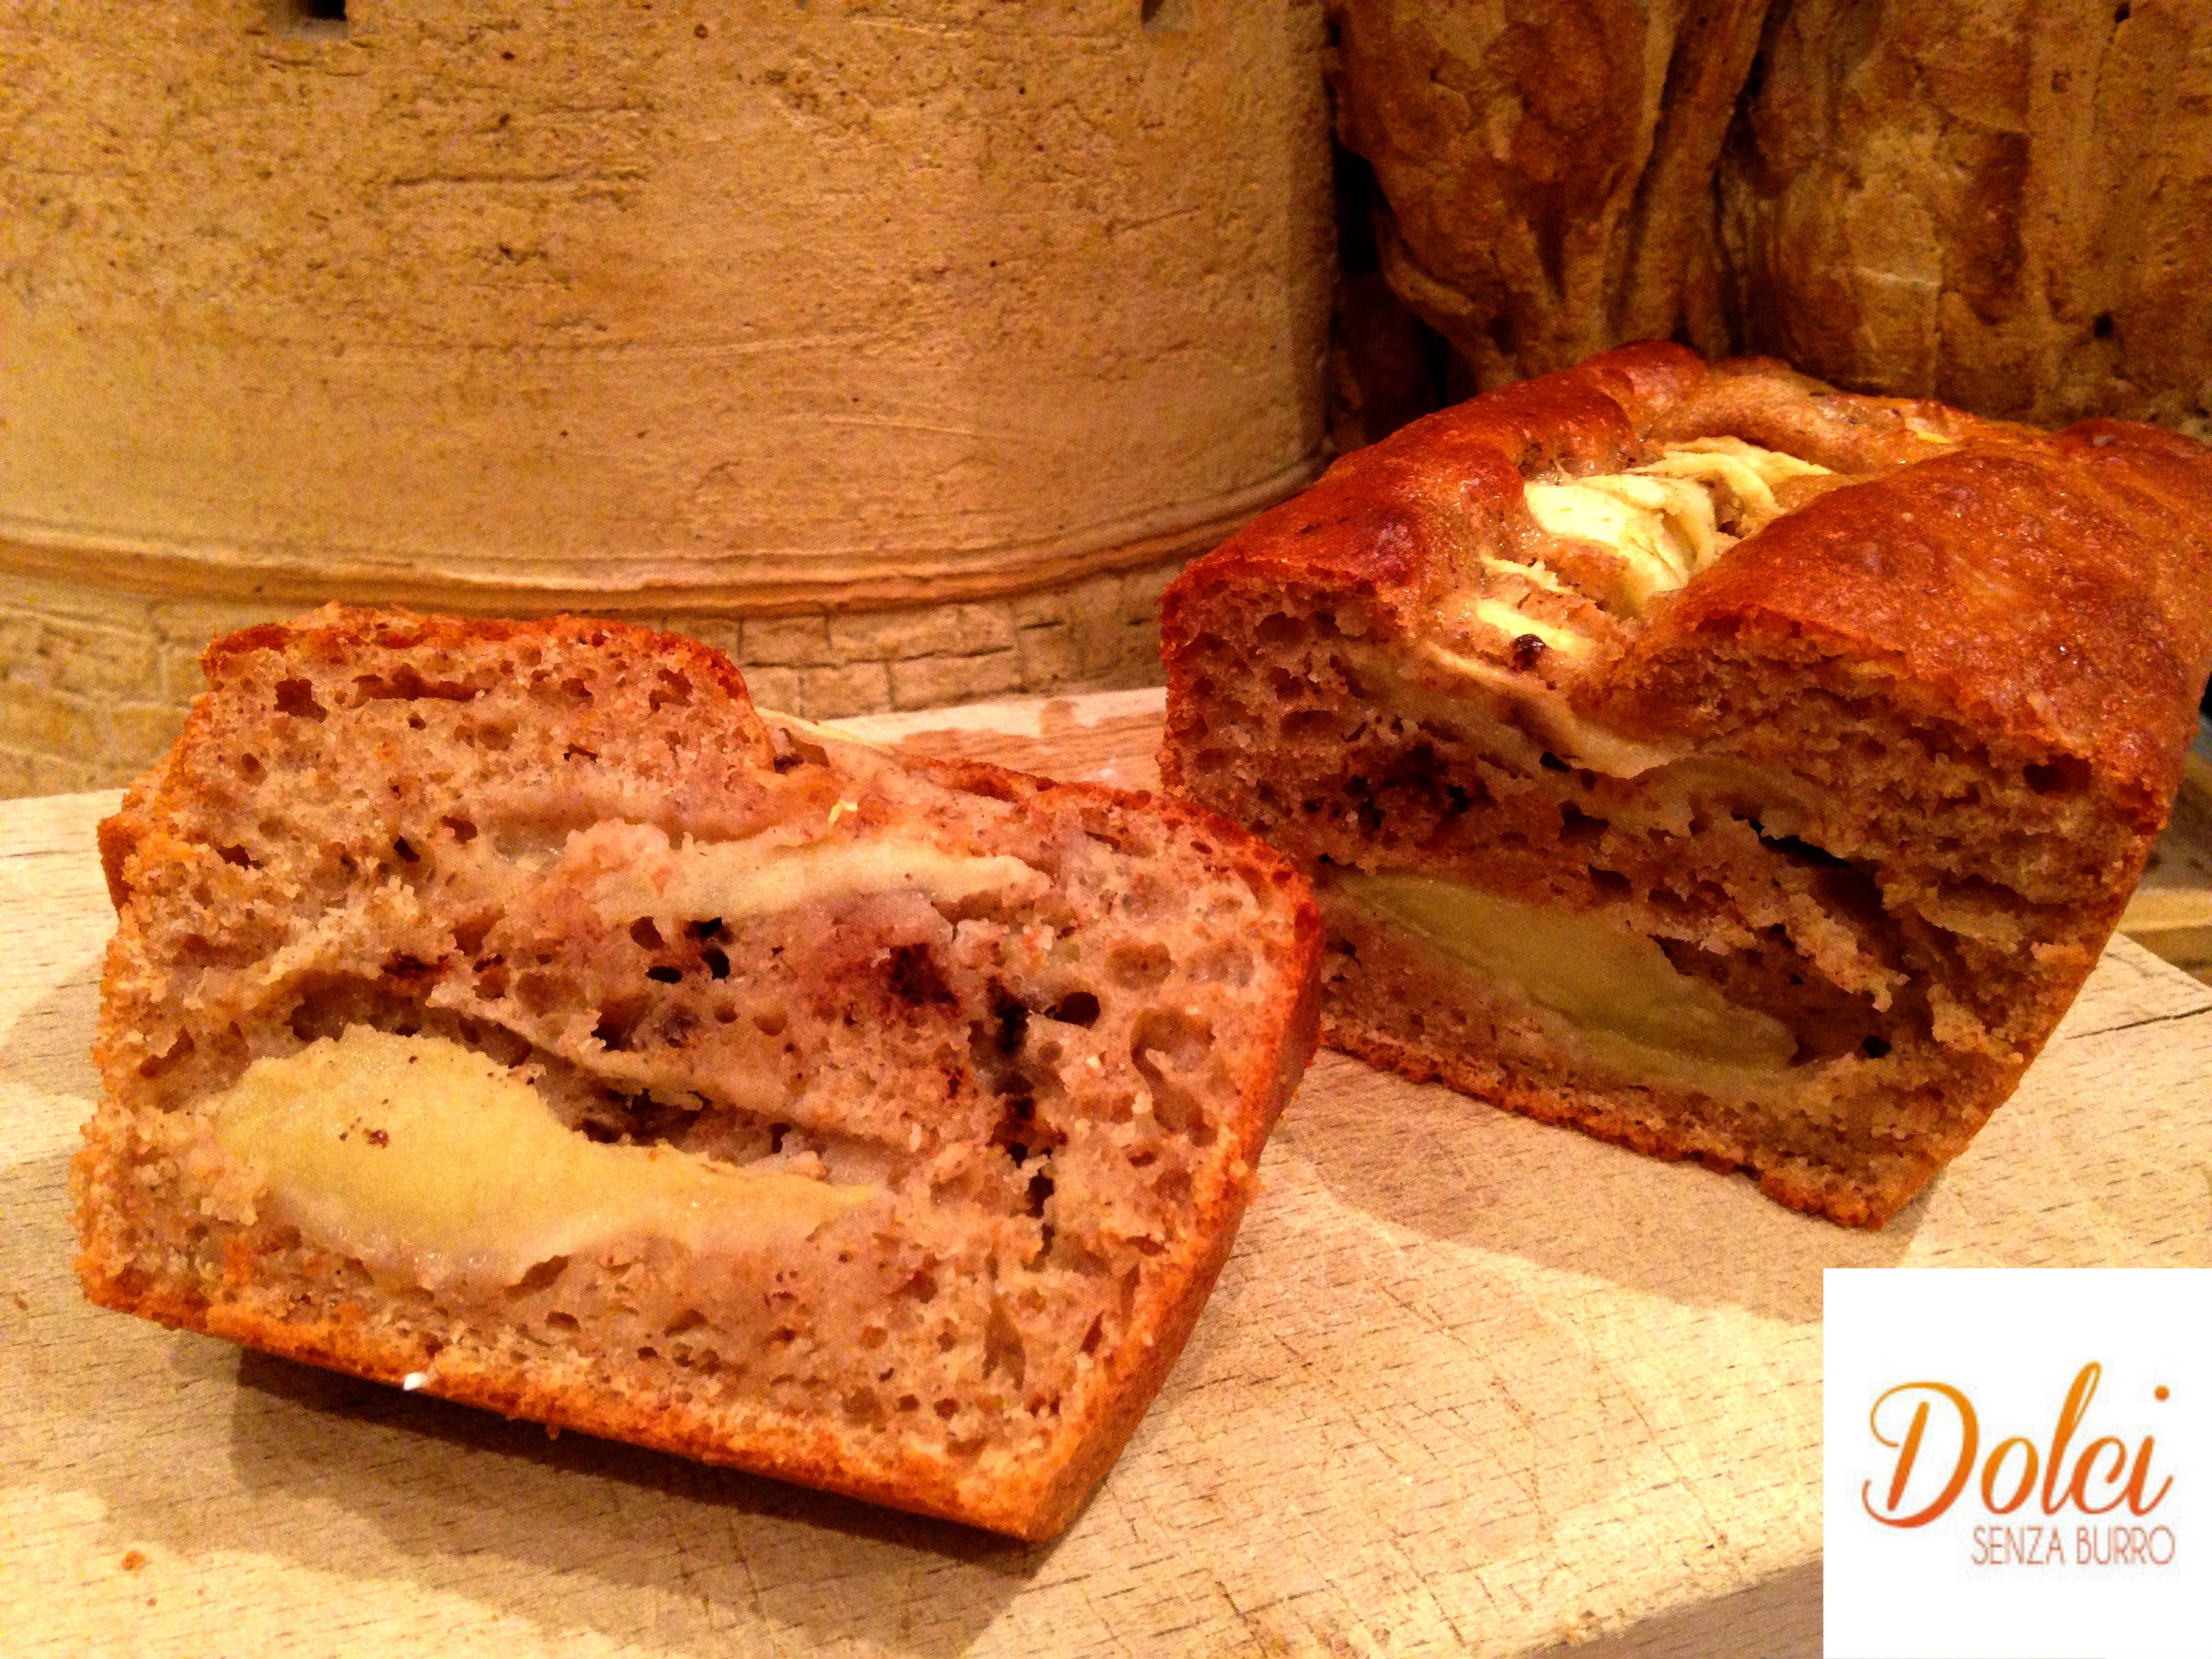 plumcake senza burro integrale alle pere, un dolce light di dolci senza burro